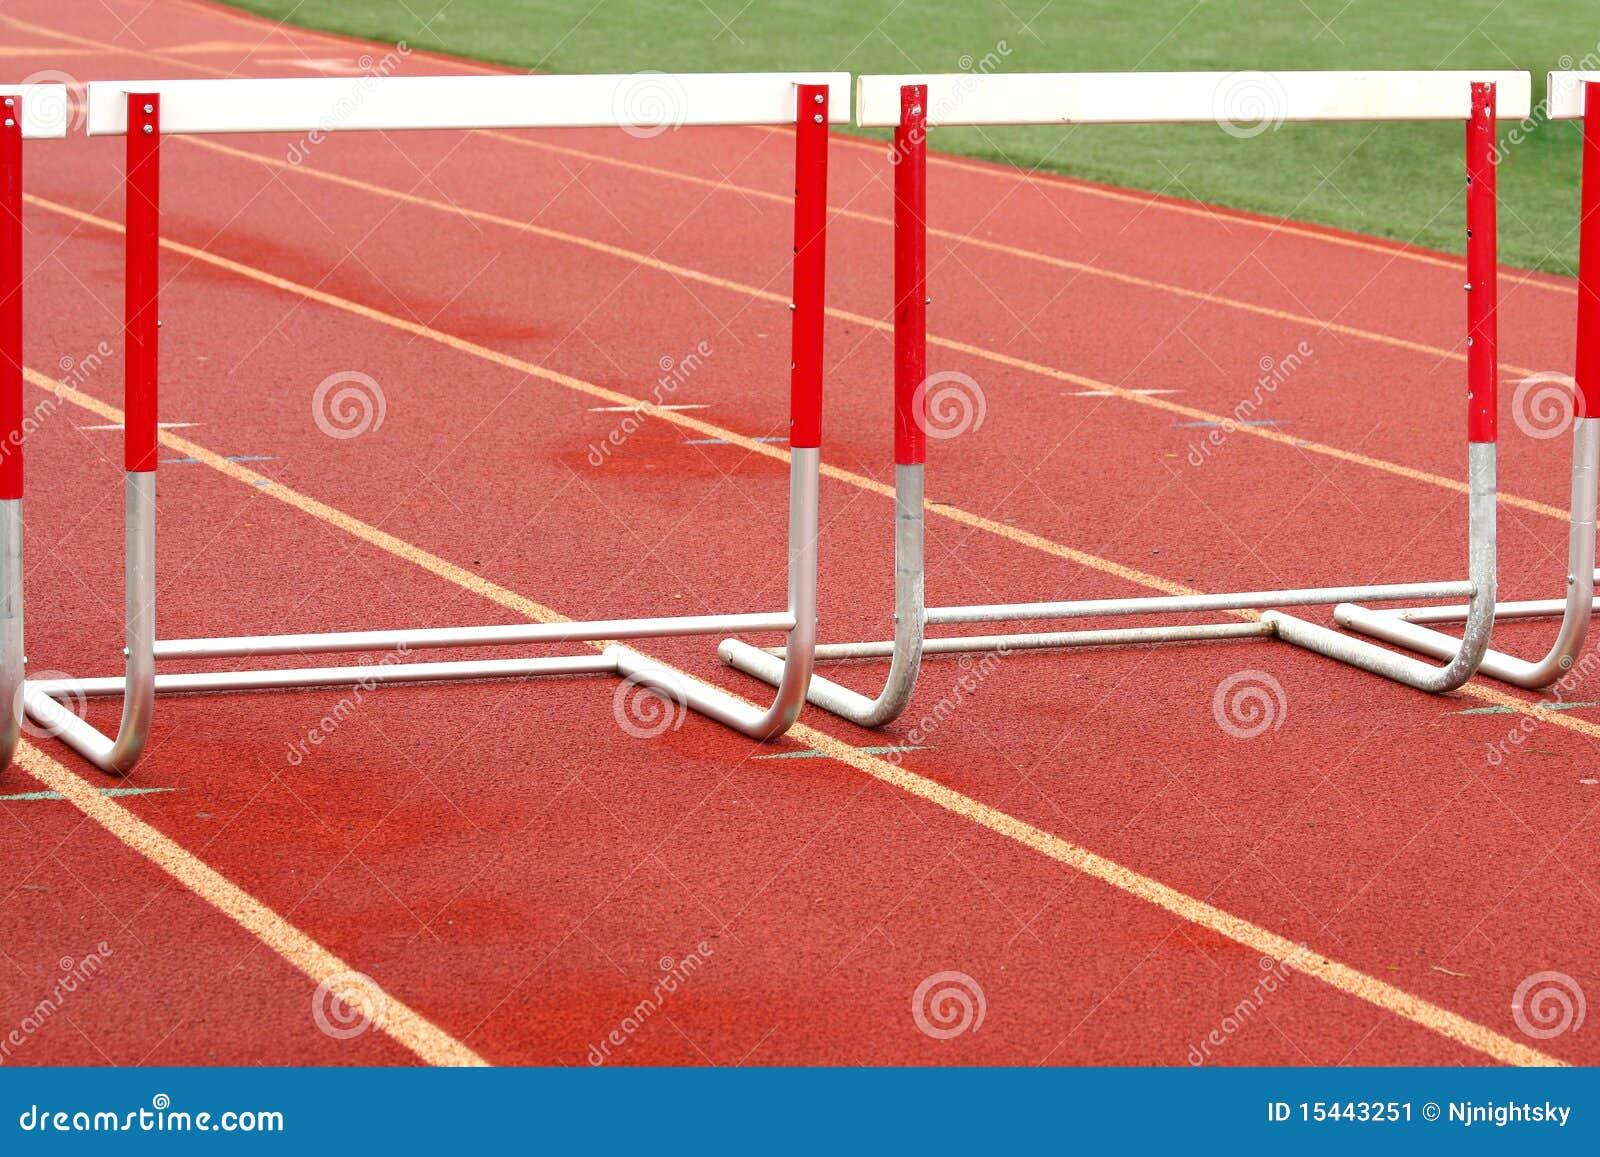 Track Hurdle Stock Ima...